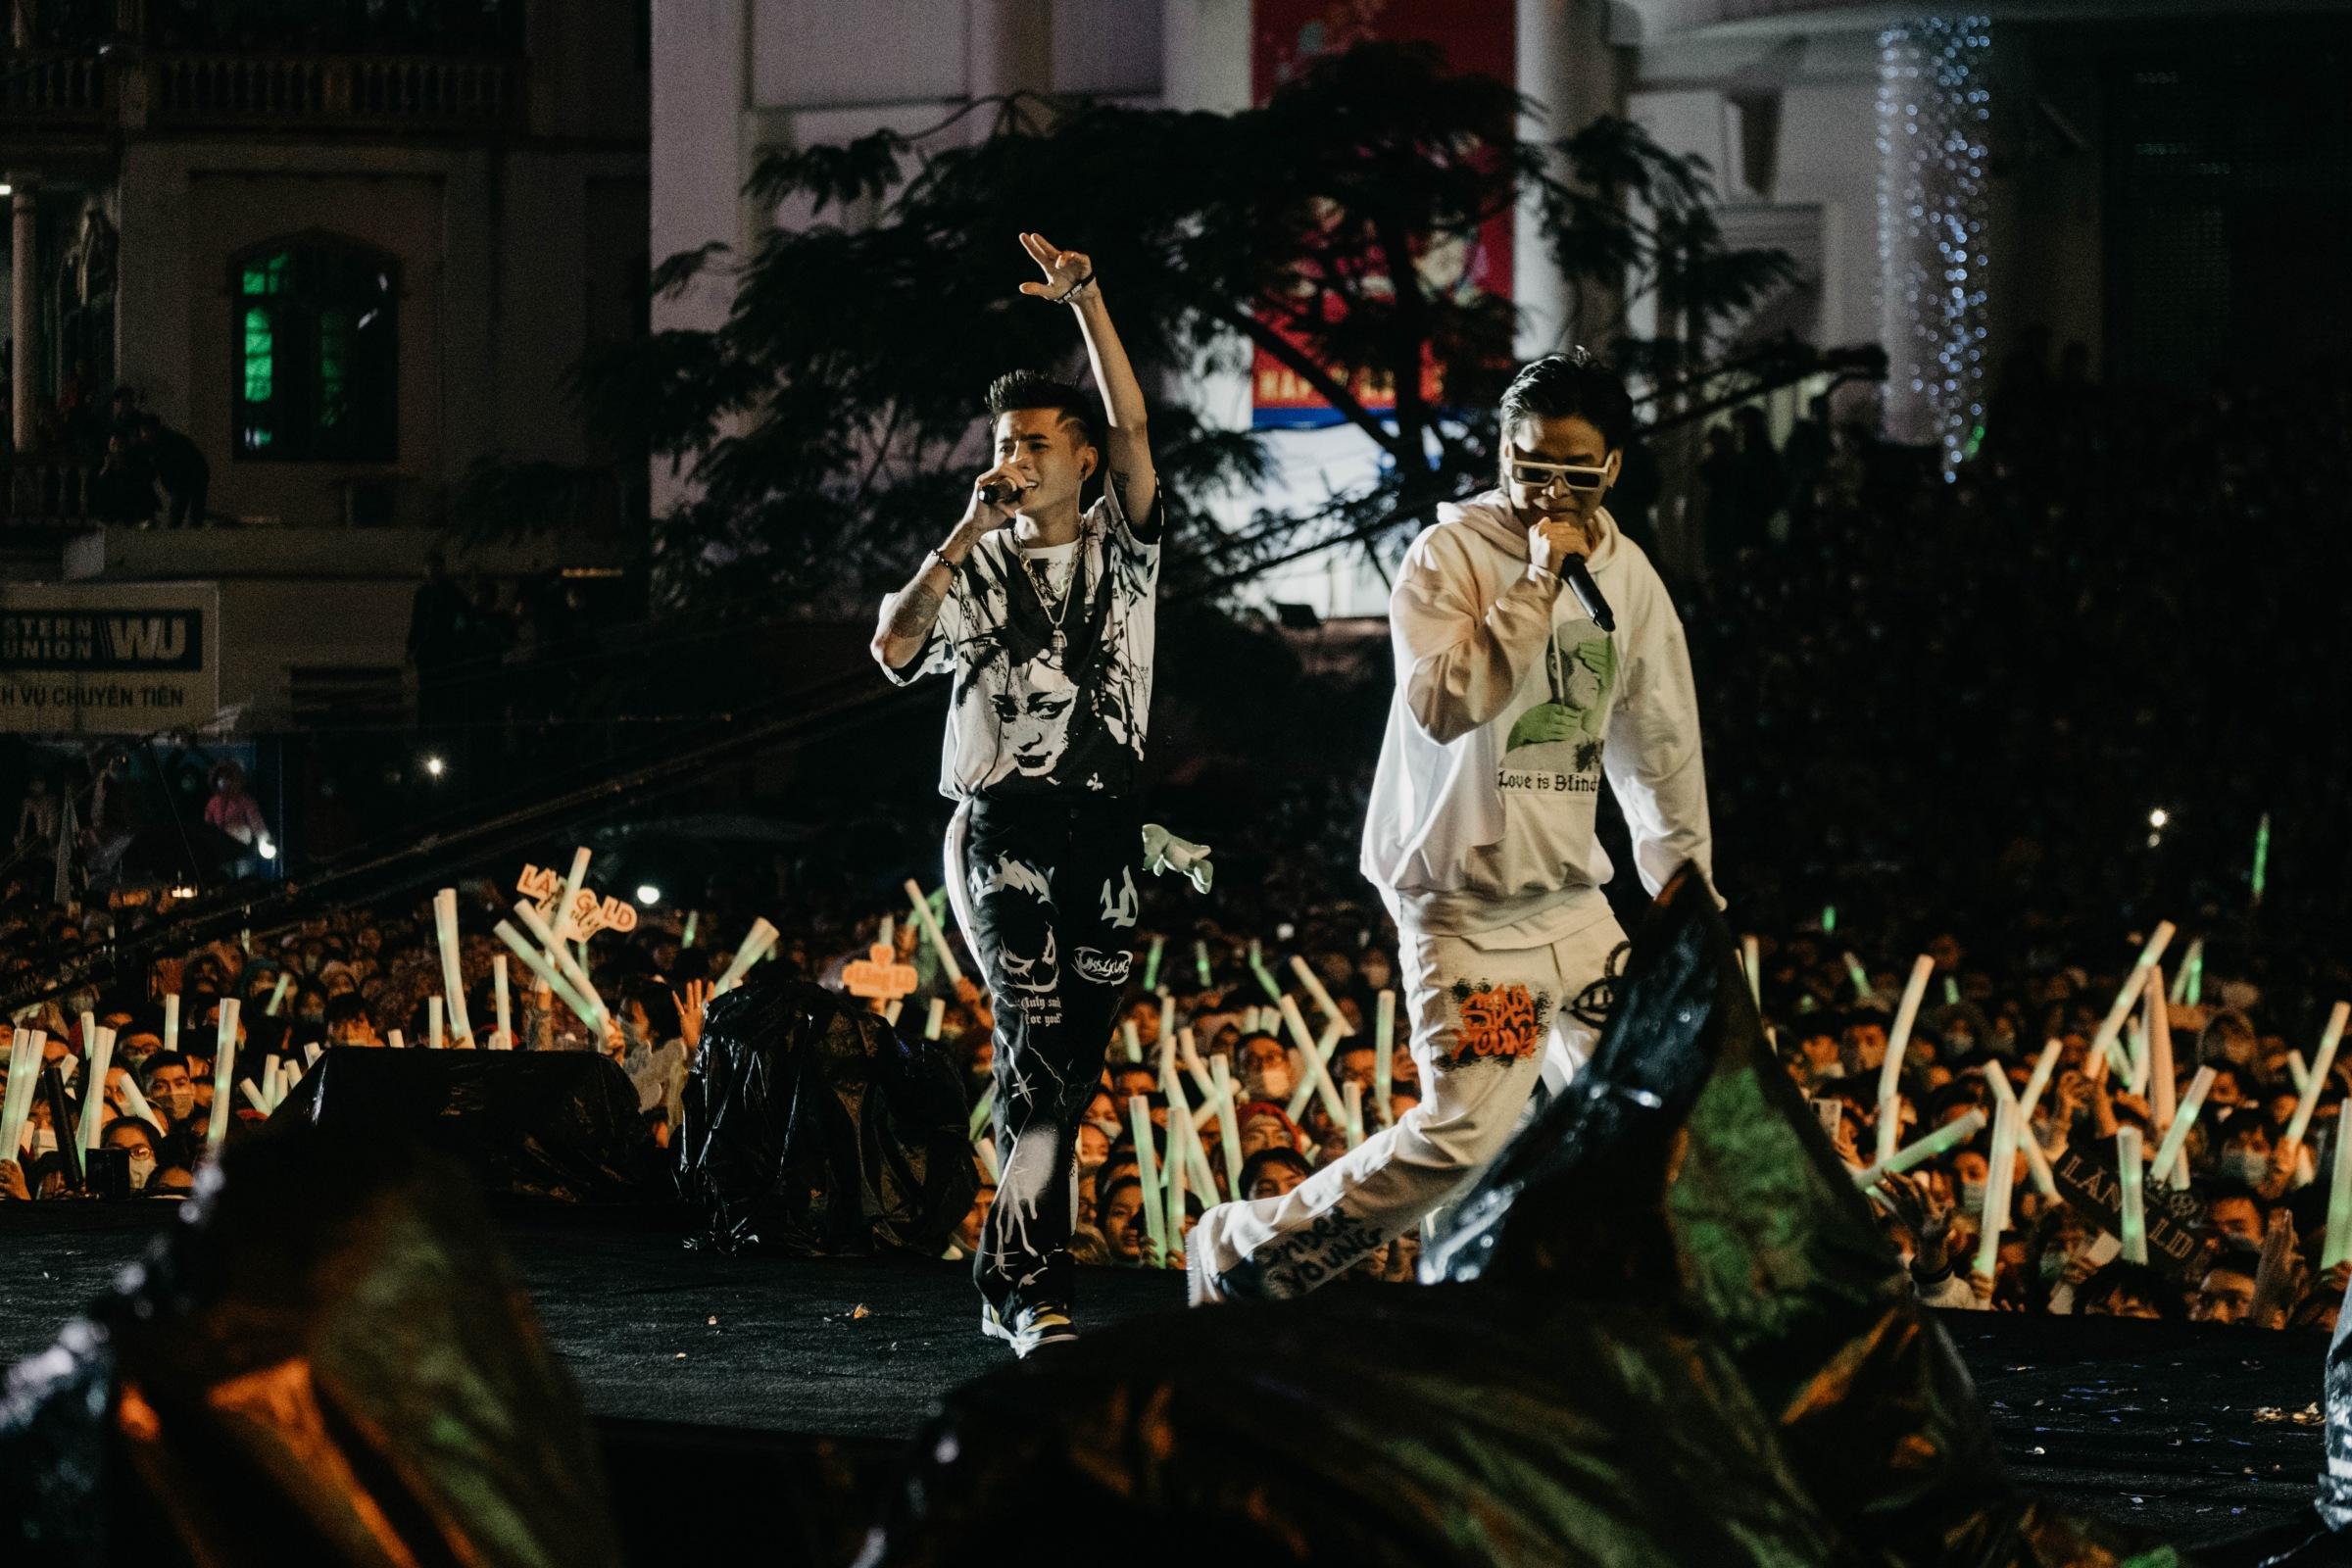 Lăng LD cùng Khoa tung bản rap bắt tai - 2